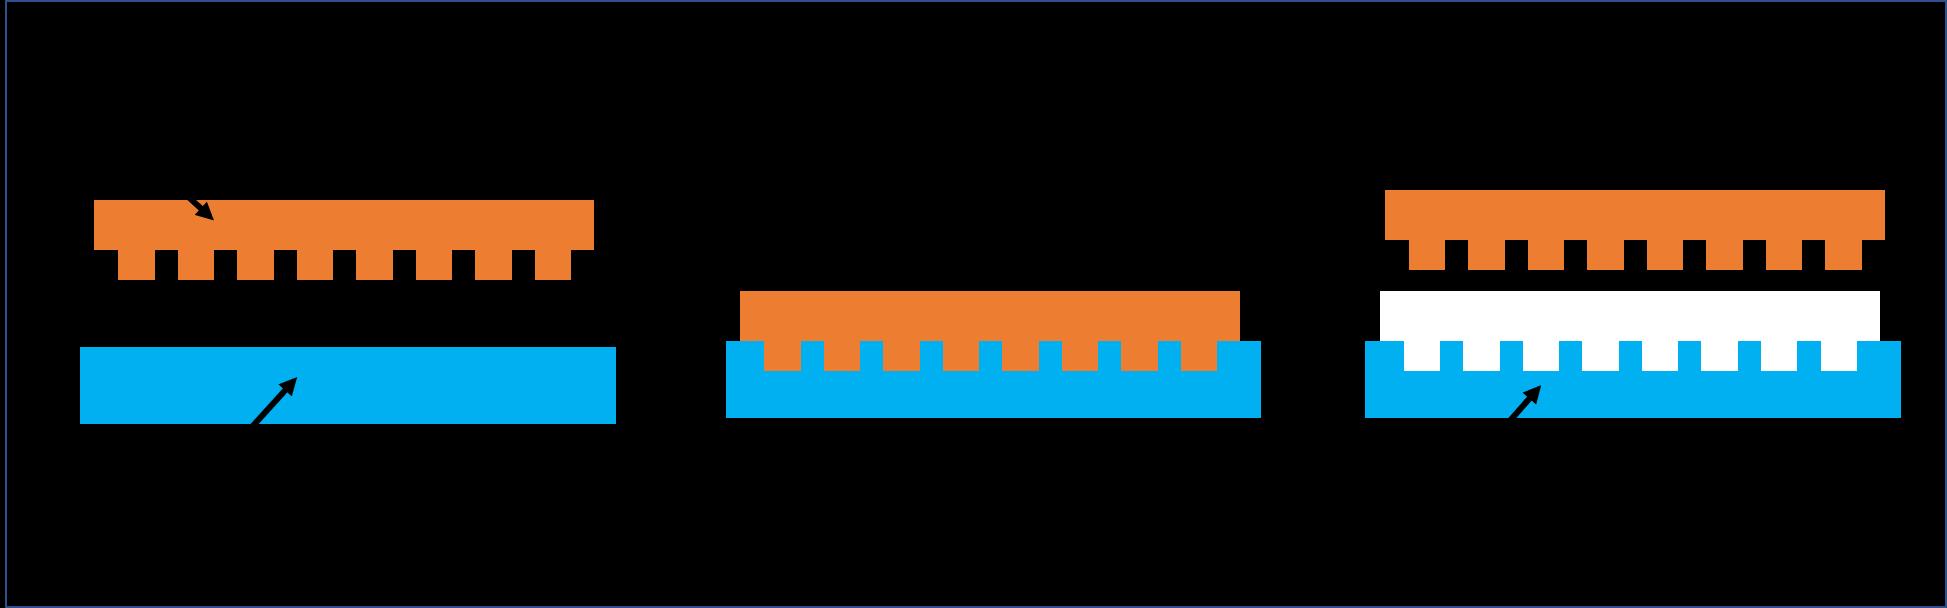 ナノインプリント技術の概略図 (弊社の無料配布資料「特許情報を用いた技術マーケティングと成功事例」をもとに作成)